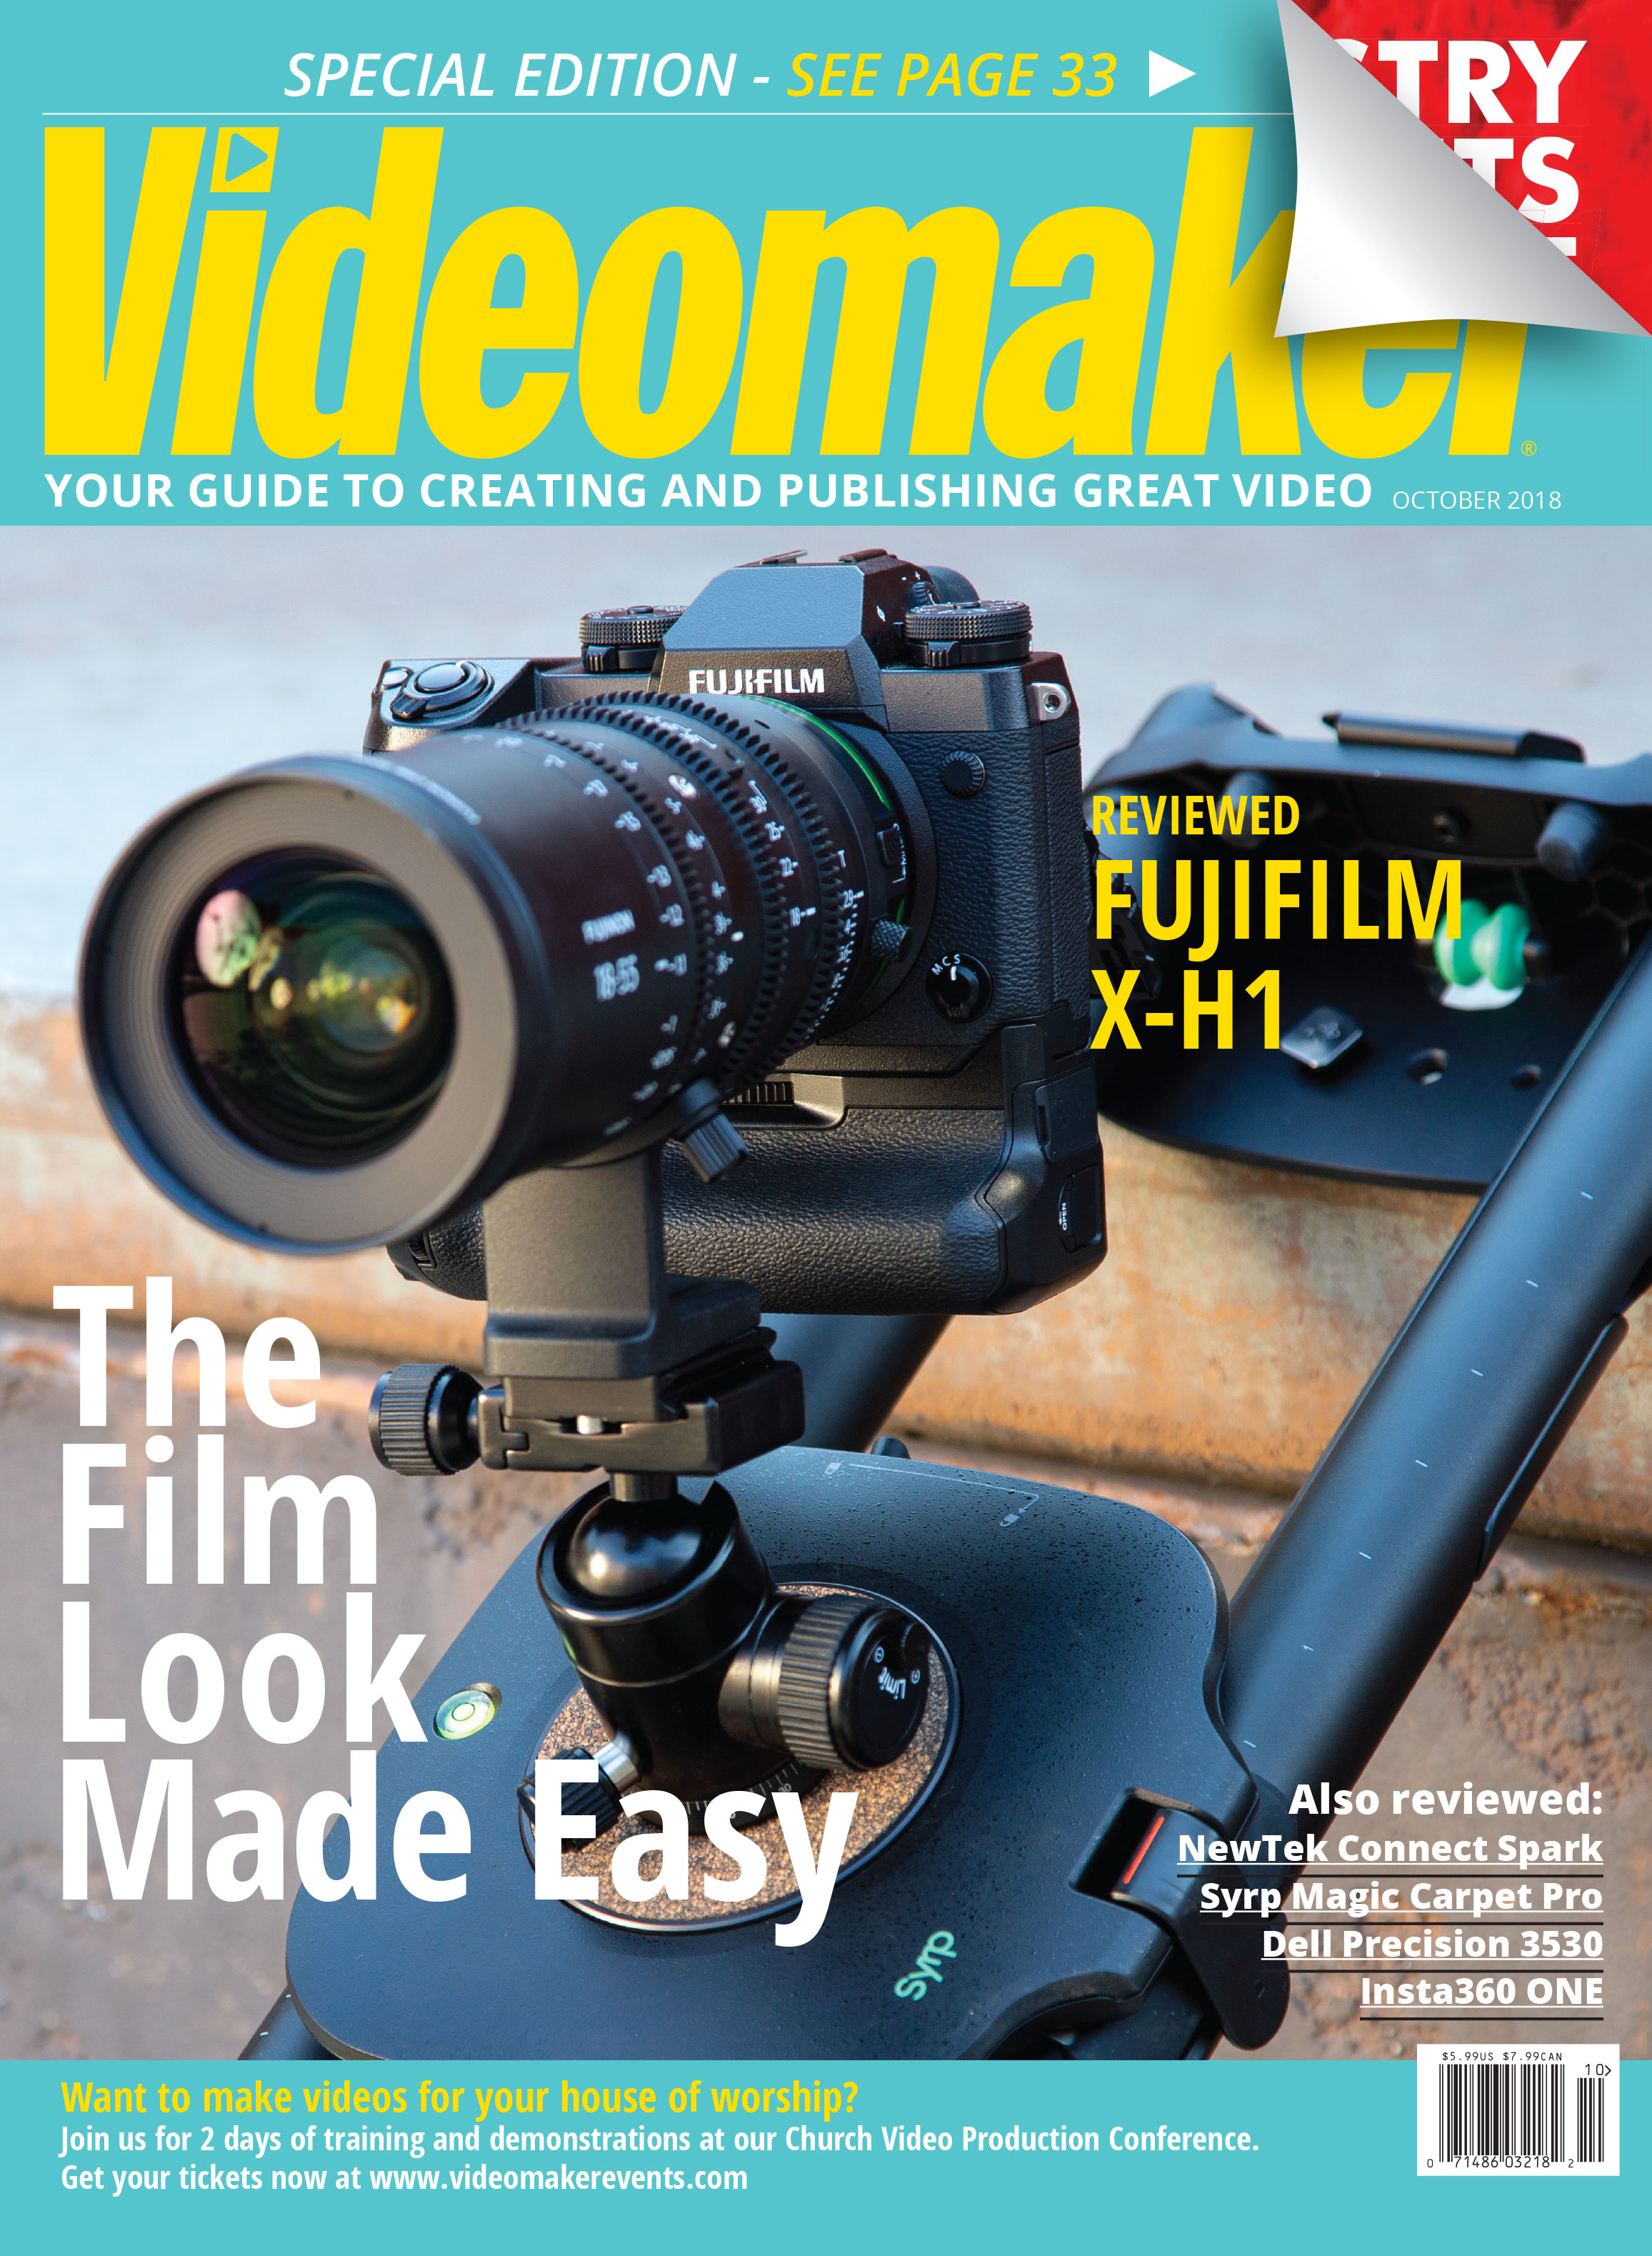 Videomaker October 2018 - Videomaker